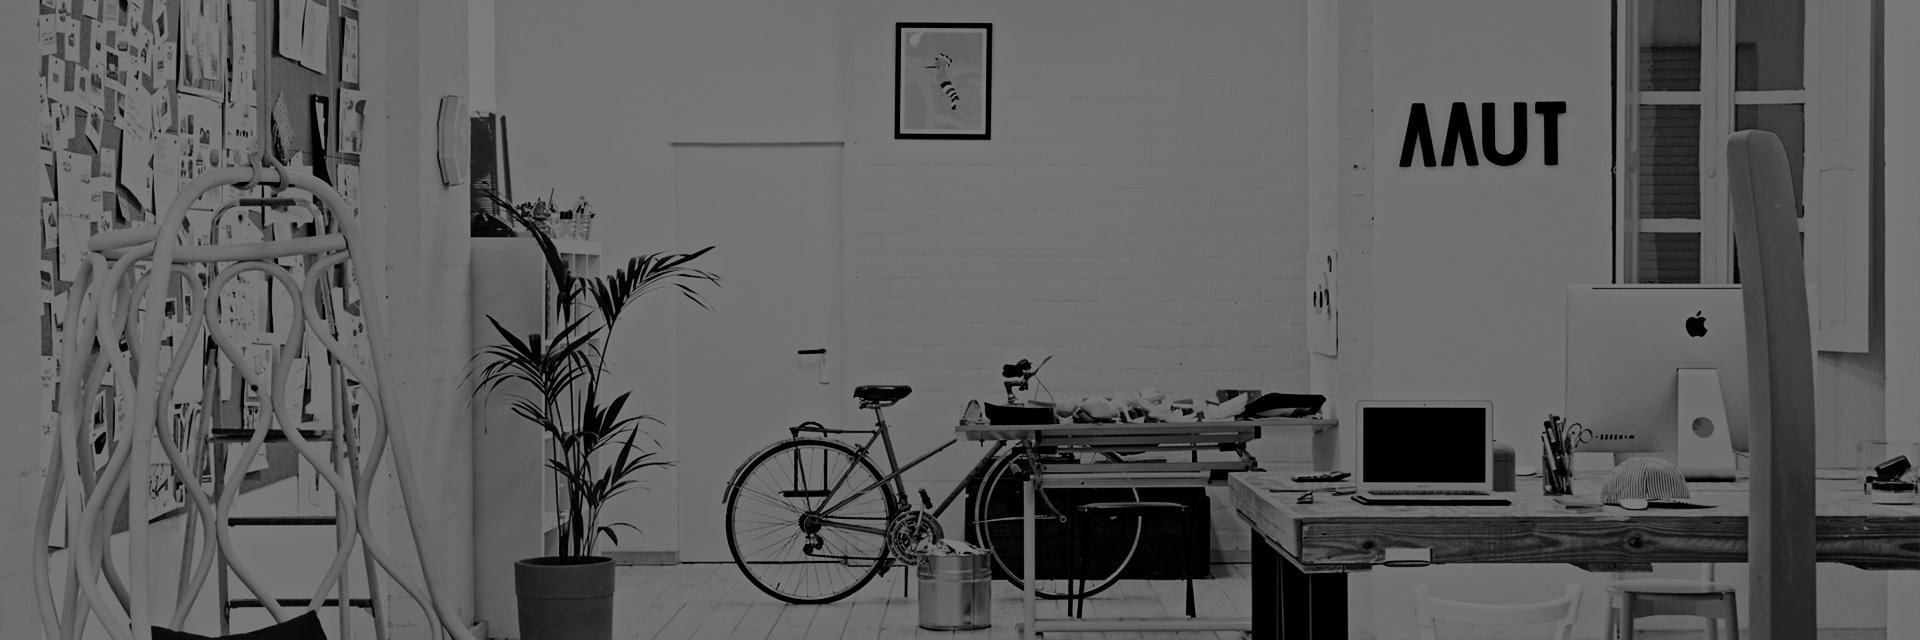 西班牙设计工作室,2011年、2014年红点设计奖获得者,2010年由设计师Alberto Sánchez创立,目前共有3位主创设计师。这是一个具有多学科背景的团队,这也使得团队的设计作品从家具、到平面到图案设计,大千世界的万物都能够给他们带来创作的灵感。 设计需要理性的分析,也有着无边无际的浪漫想象和回忆,对生活的热情,对自然的关心,从不同的生活片段中截取创作的灵感,诗意地设计,每个设计背后都有一个故事,强调一件产品的自我认同, 并赋予它们性格。